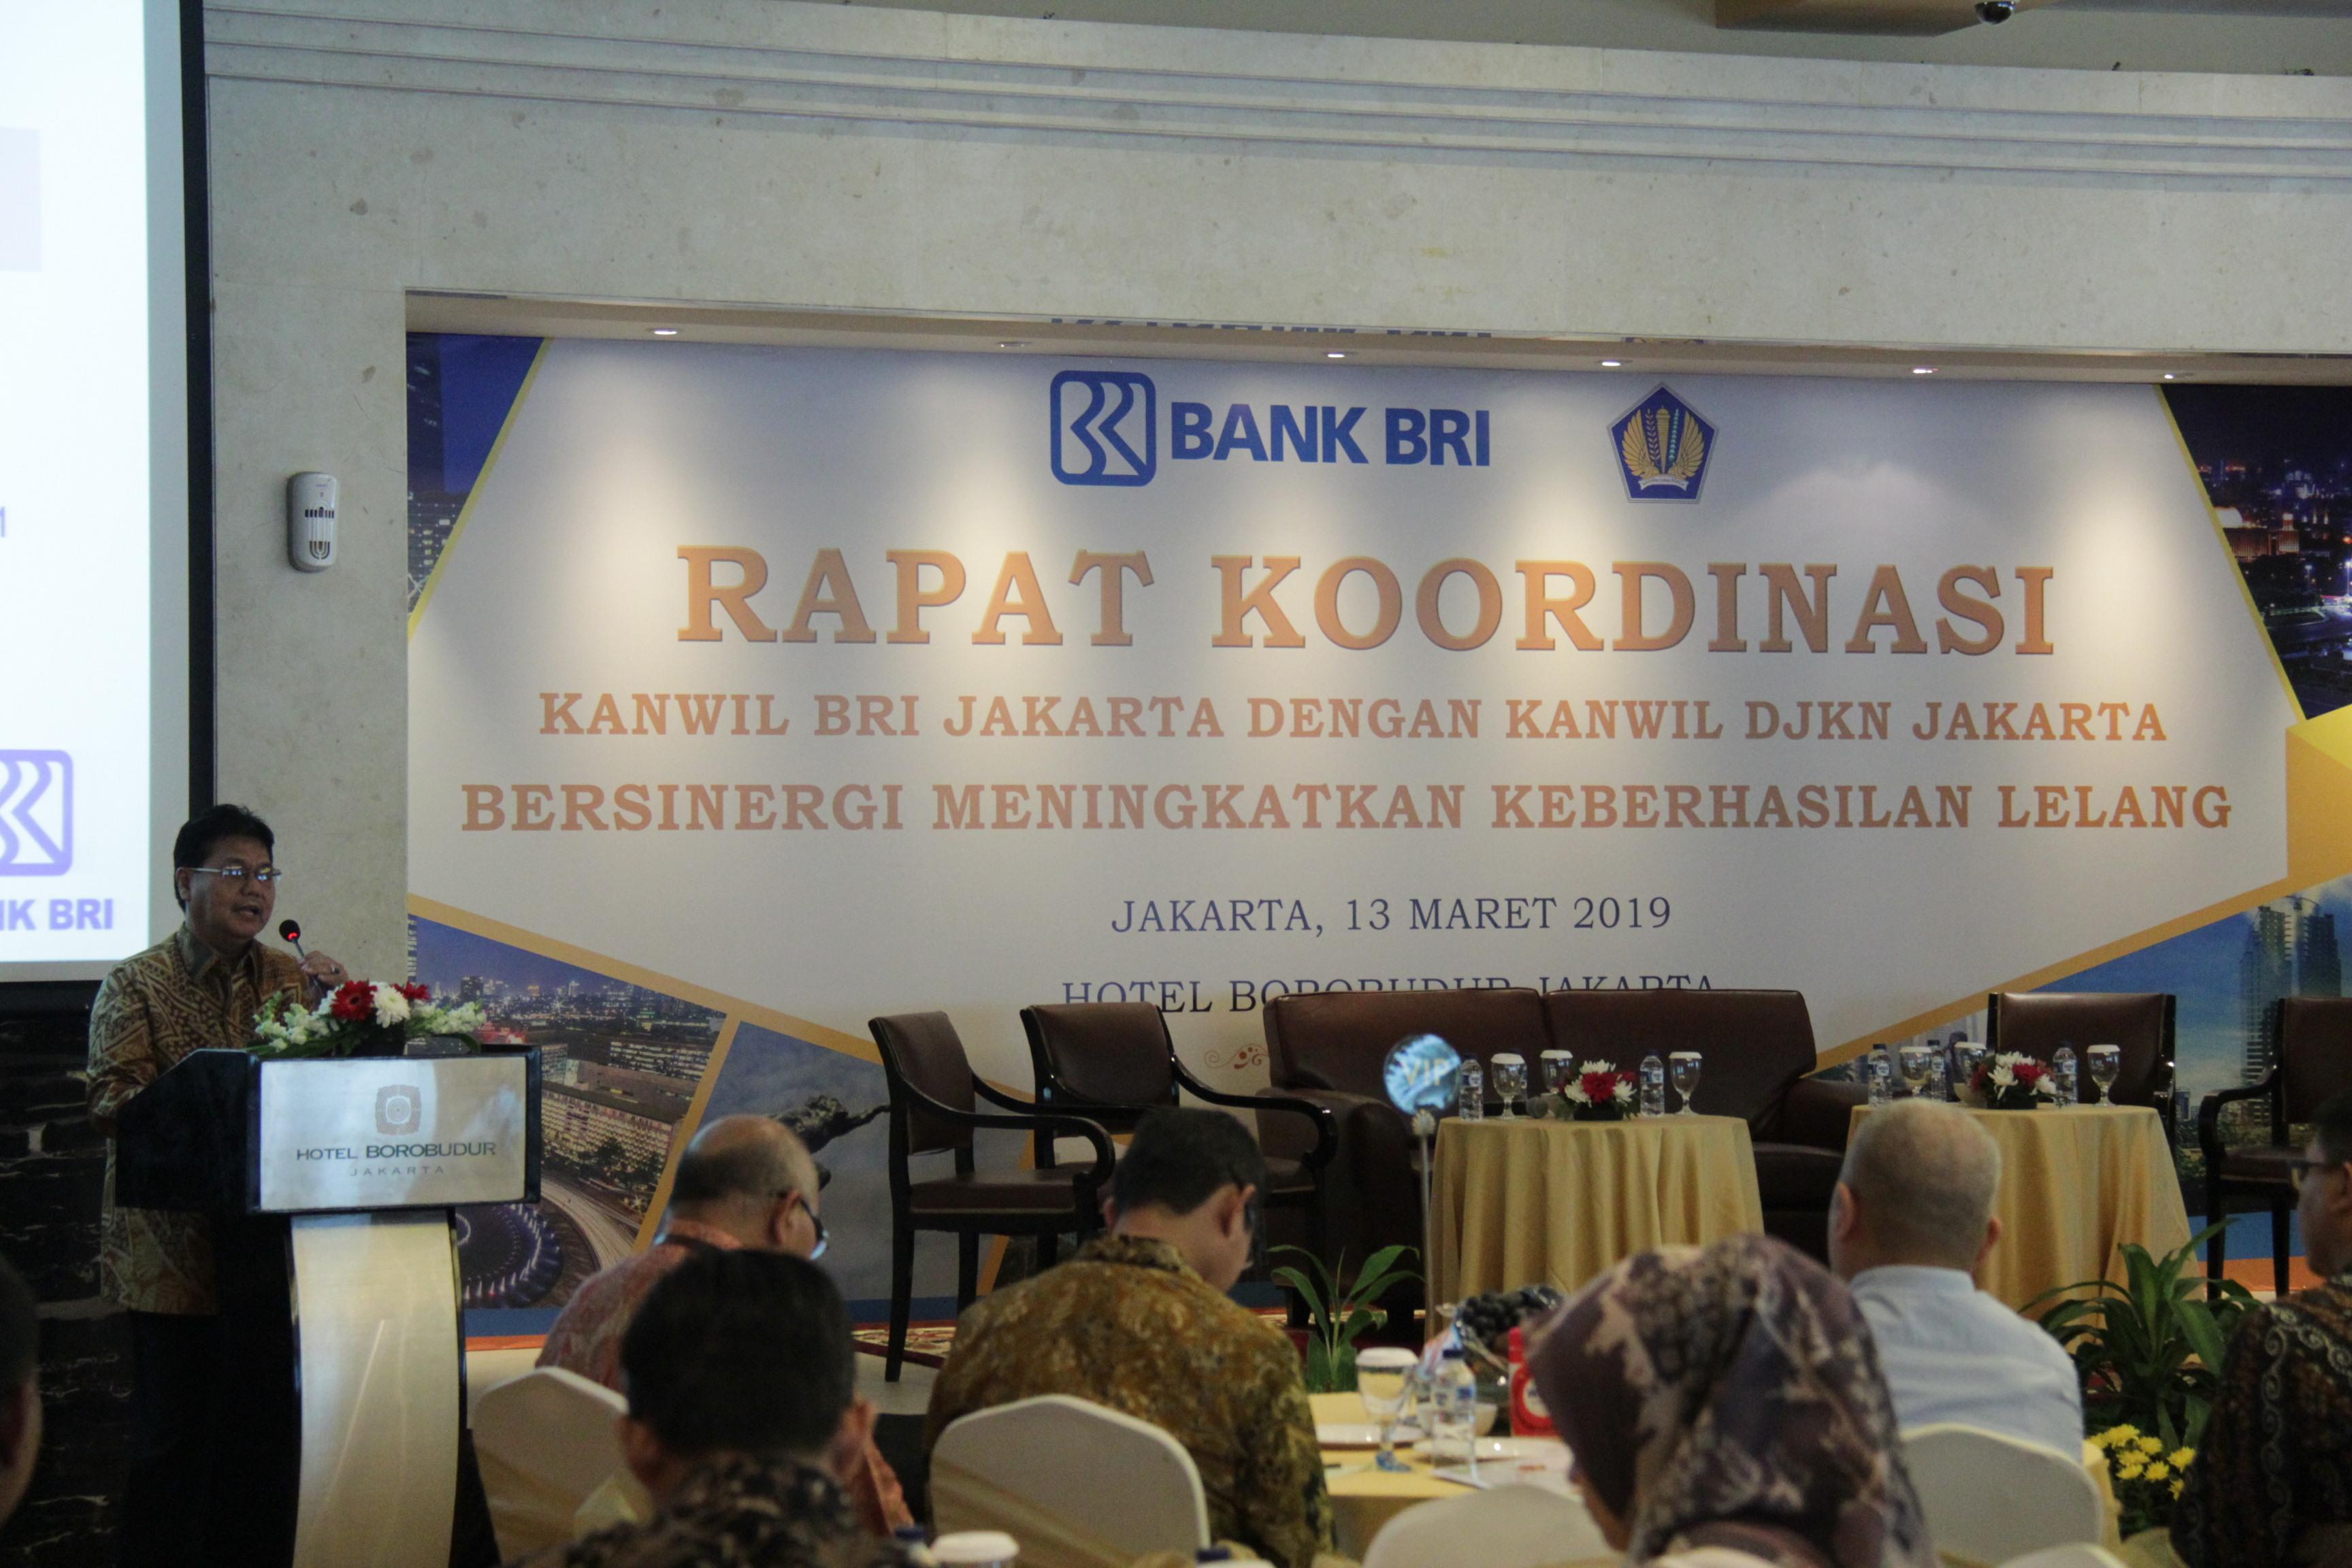 SINERGI ANTARA KANWIL BRI WILAYAH JAKARTA DAN KANWIL DJKN DKI JAKARTA